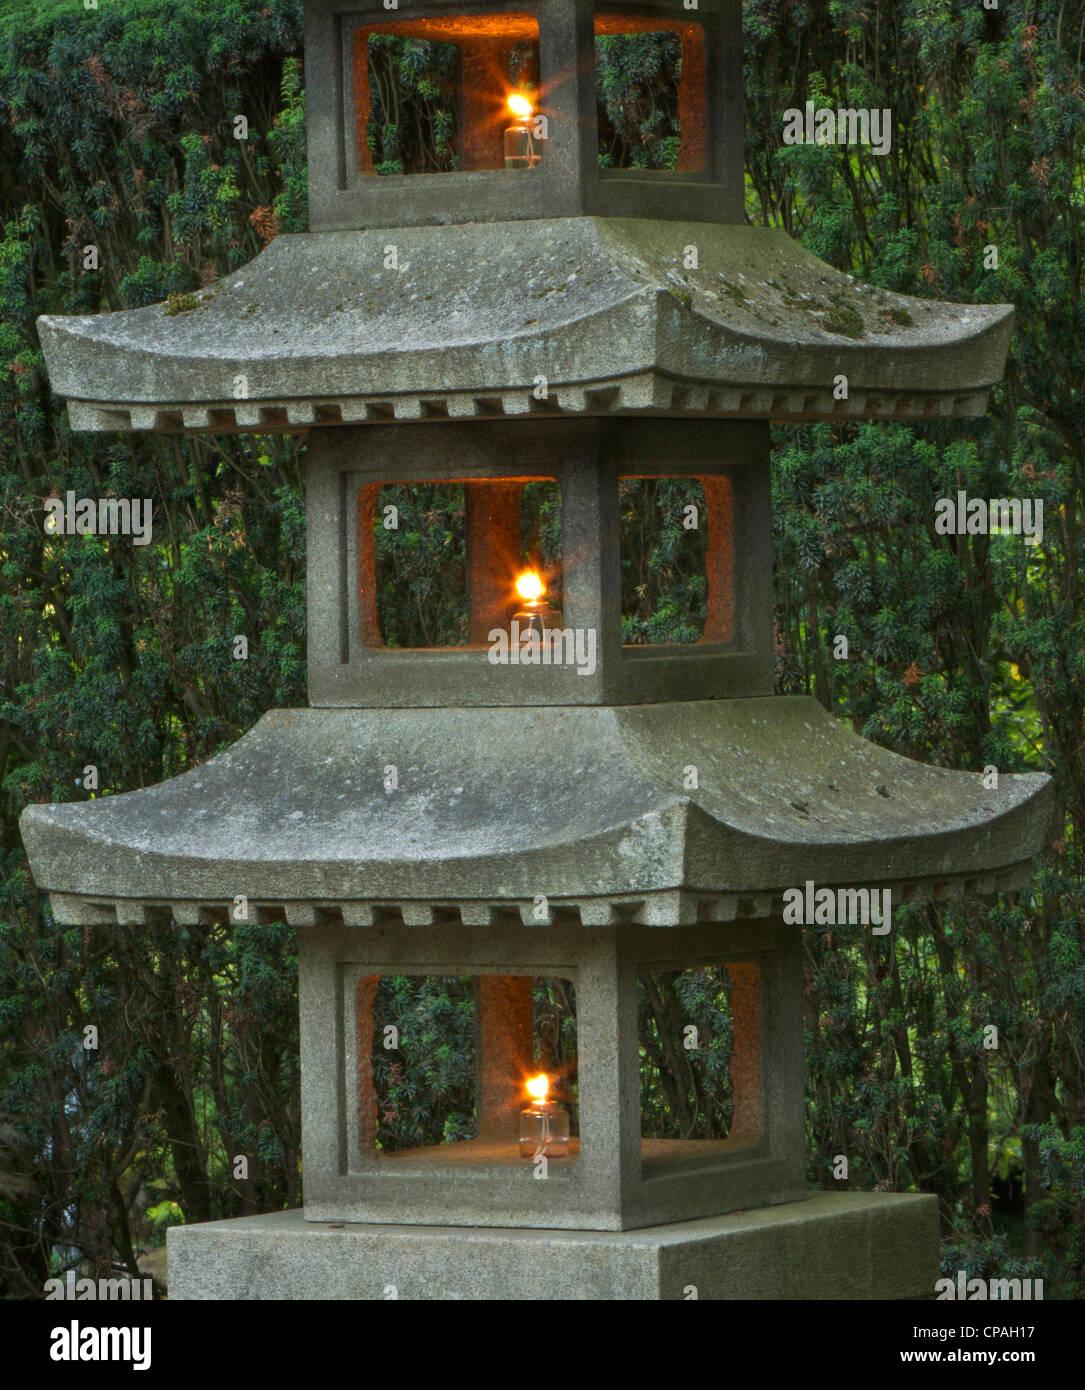 La pagode en pierre illumin lanterne dans le jardin for Jardin japonais lanterne